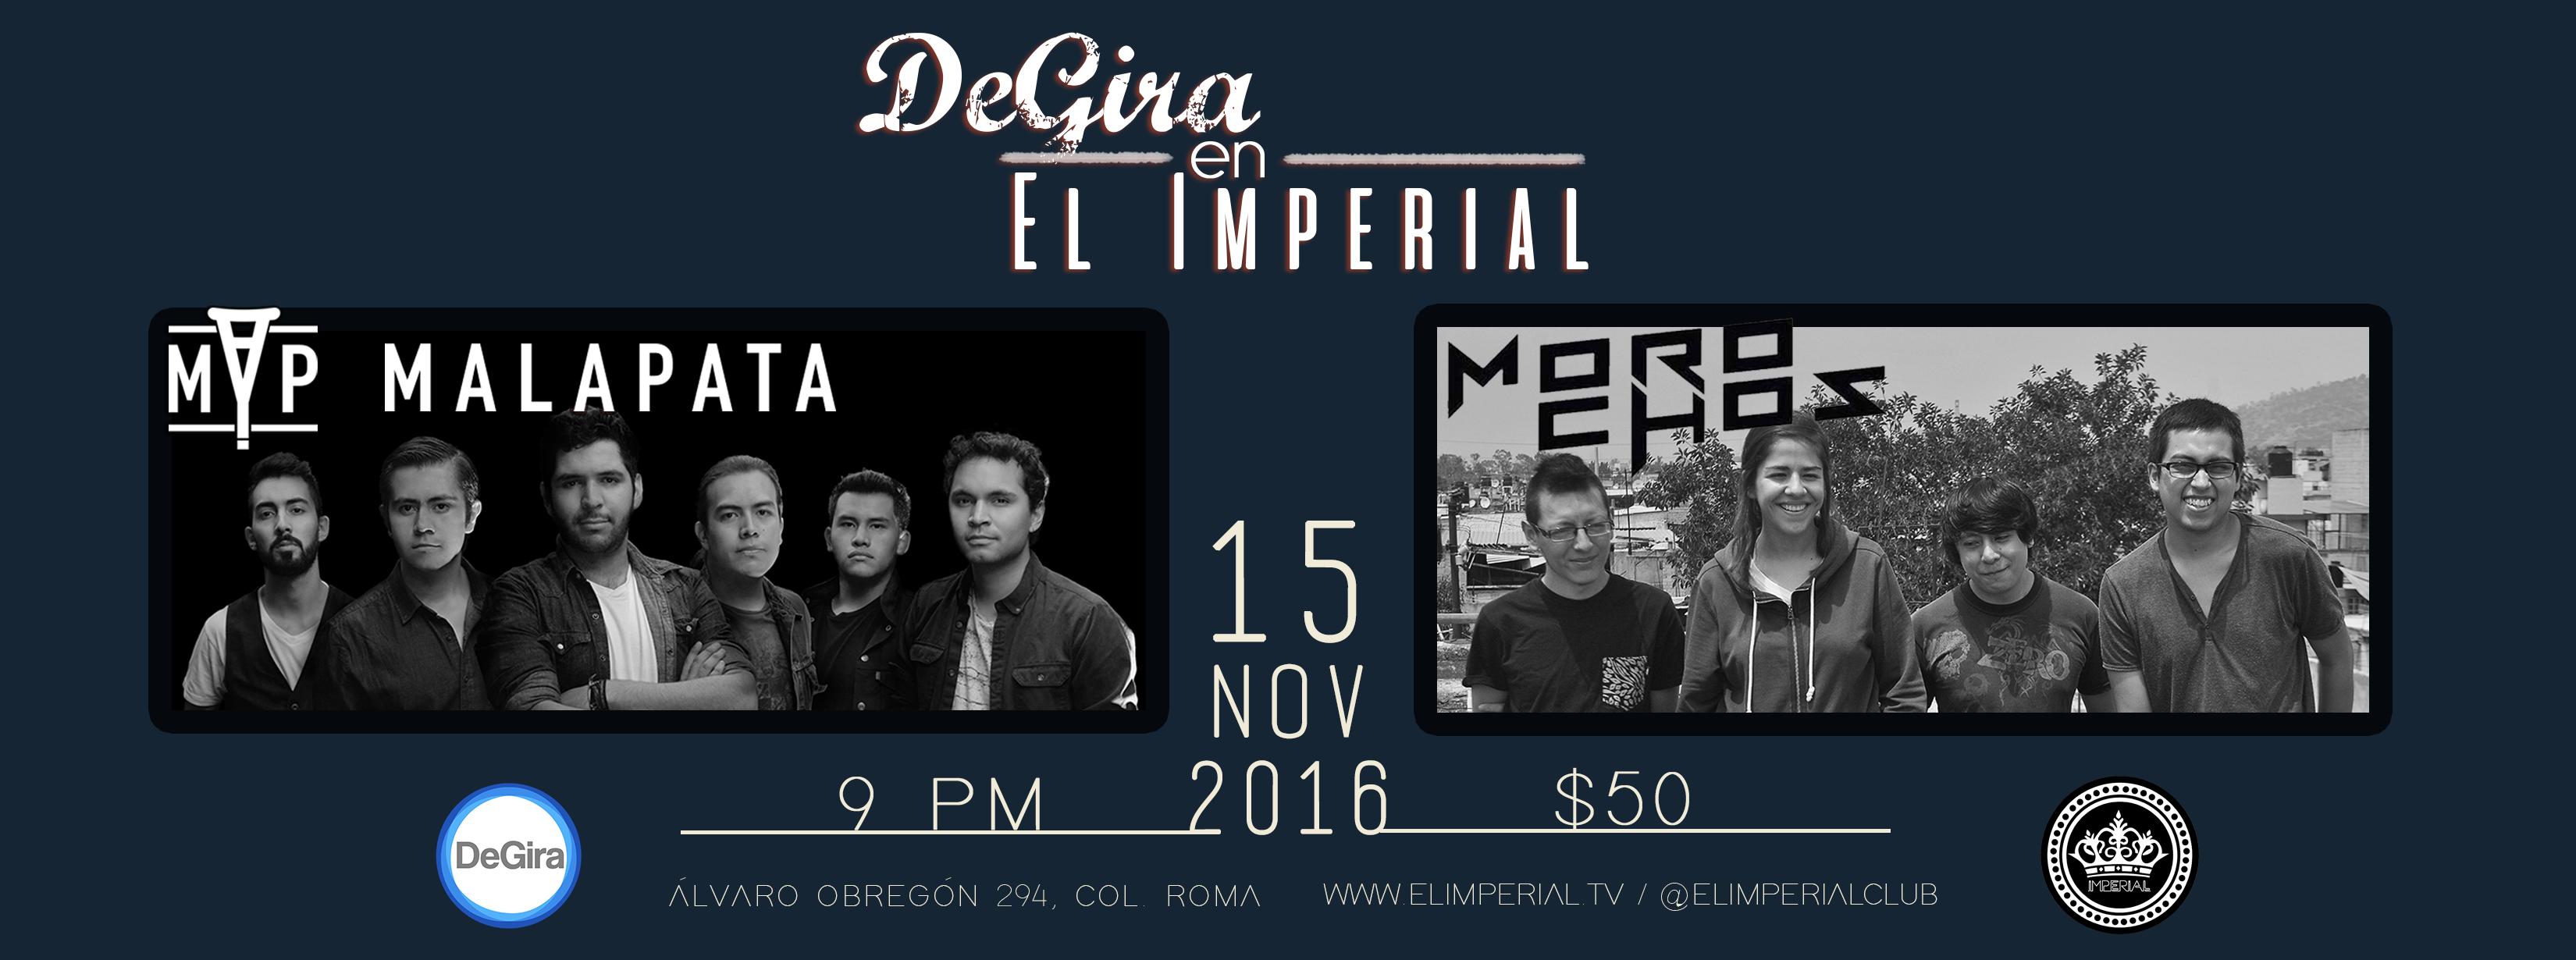 banner-fb-degira-en-el-imperial-15-nov-2016